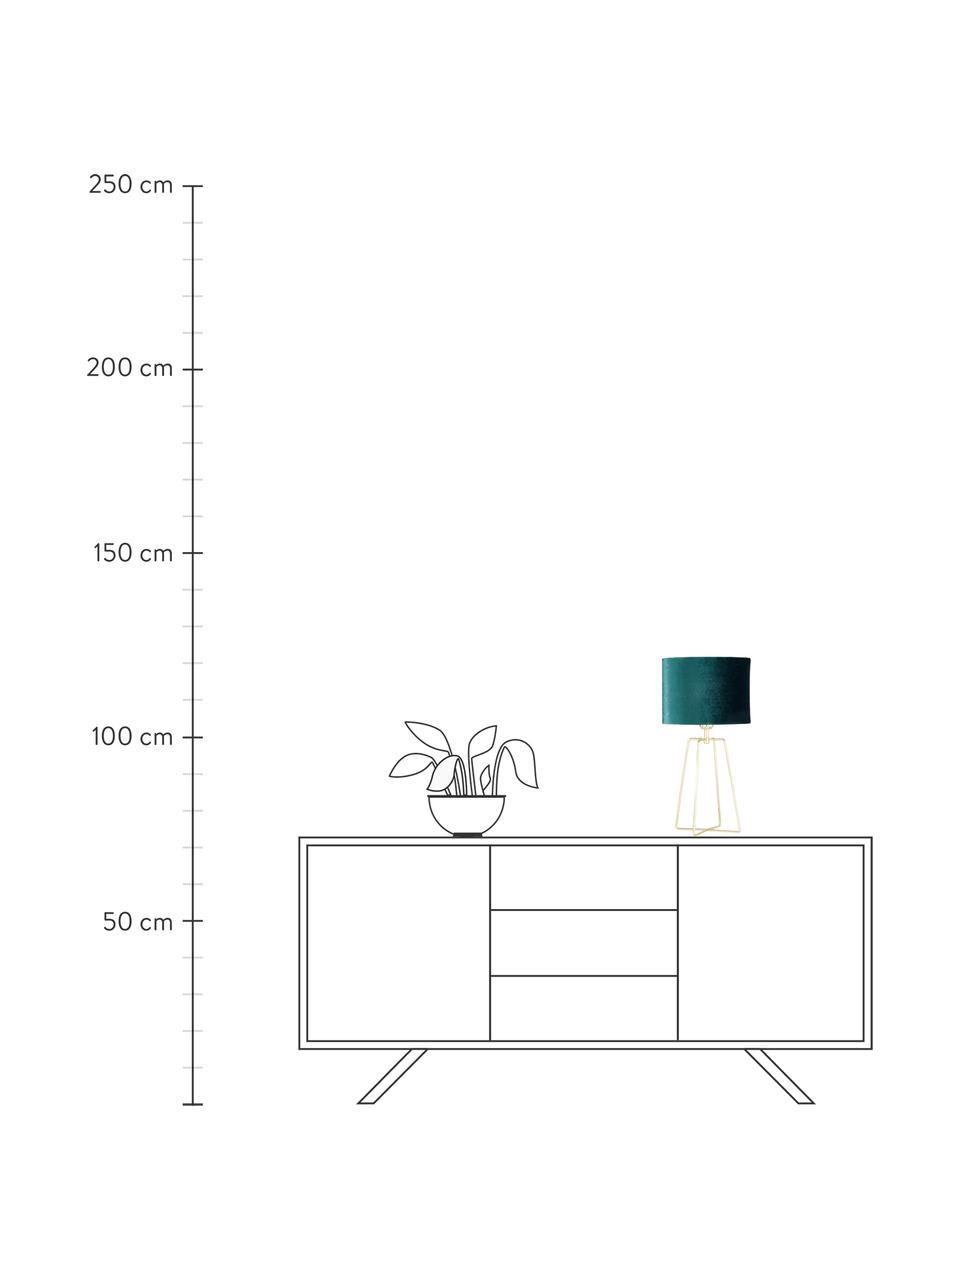 Samt-Tischlampe Karolina in Petrol, Lampenschirm: Samt, Lampenfuß: Metall, vermessingt, Dunkelgrün Messing, glänzend Transparent, Ø 25 x H 49 cm